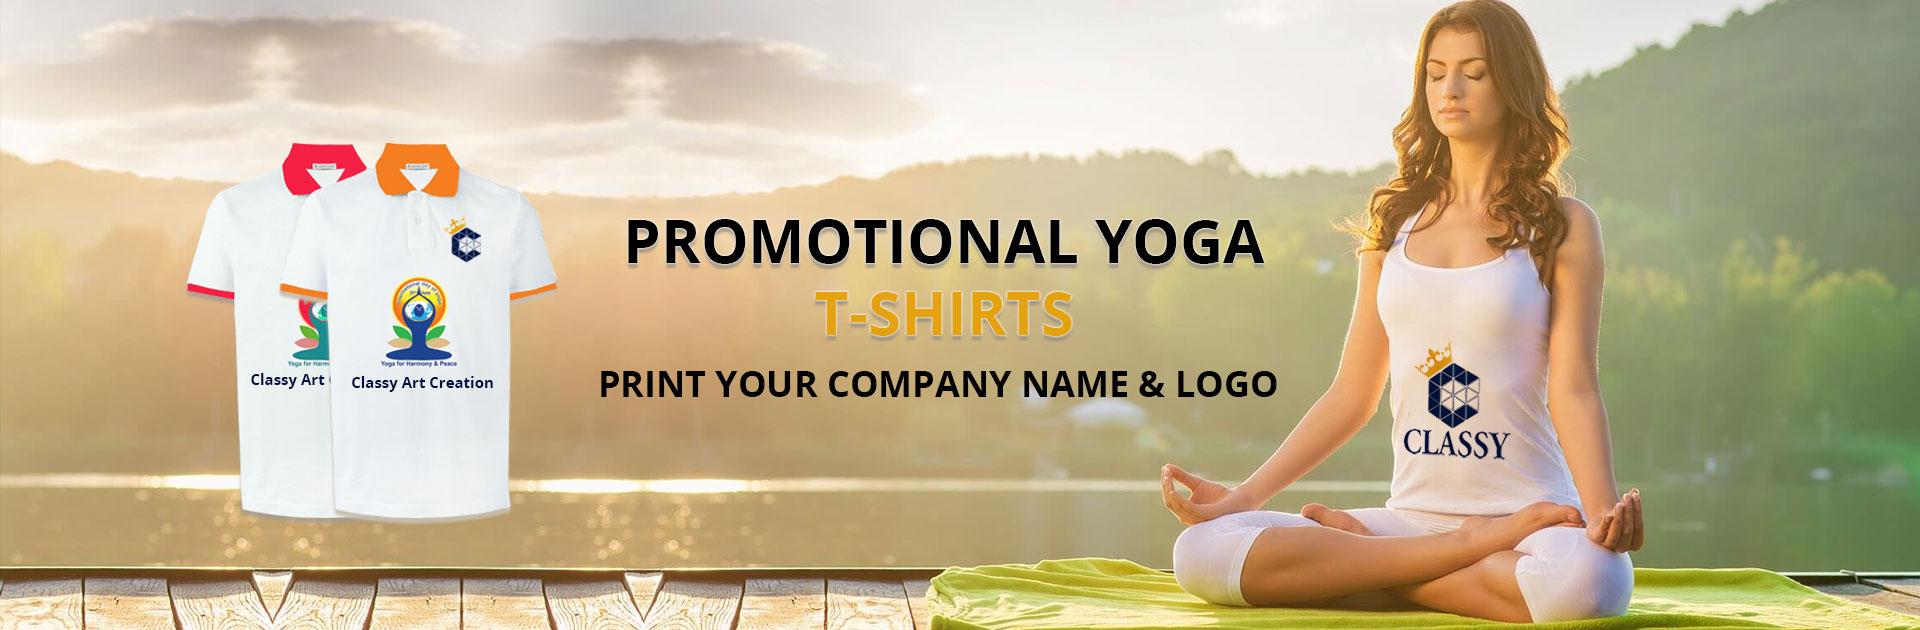 Promotiona T-Shirts